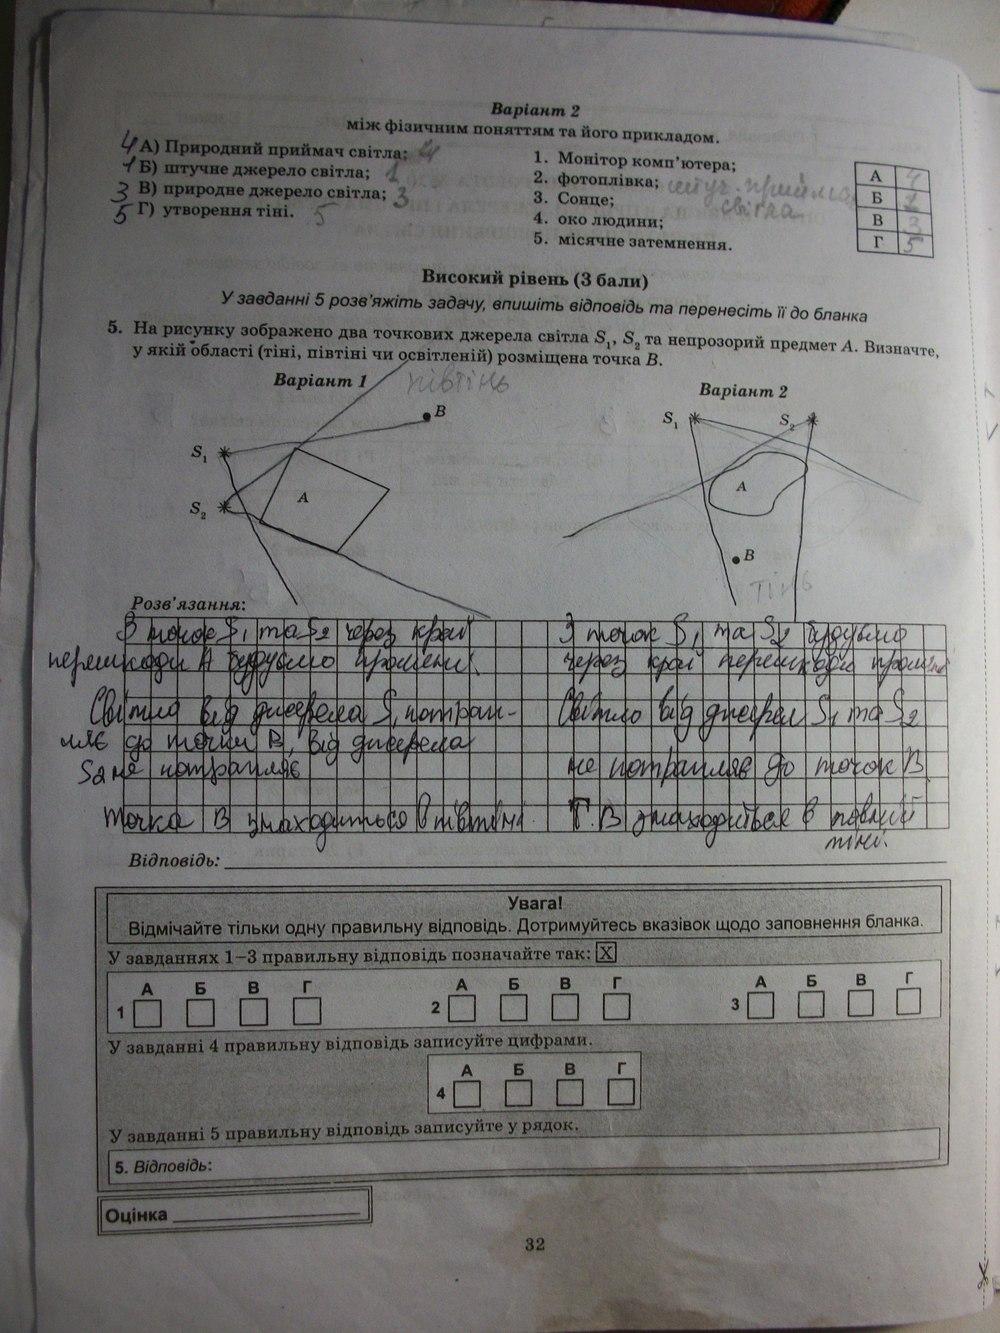 ГДЗ по физике 7 класс Чертіщева М. О.. Задание: стр. 32